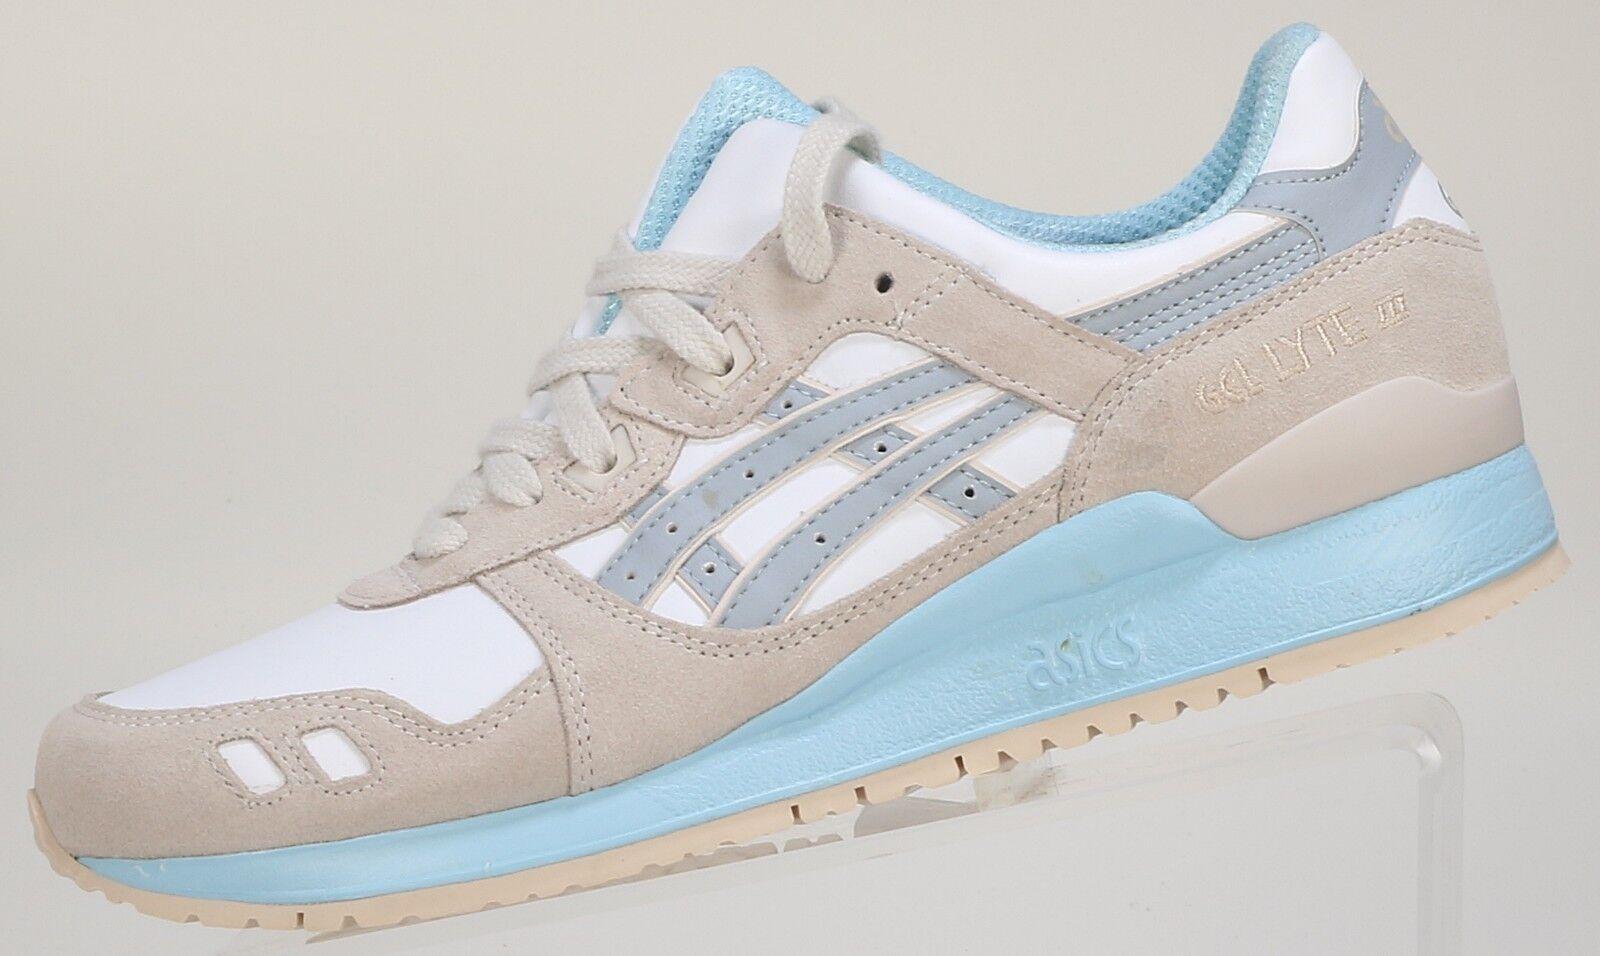 Asics de mujer Gel-Lyte III Zapatillas blancoo blancoo blancoo Luz gris H6U9L Correr Caminar Tren  para proporcionarle una compra en línea agradable